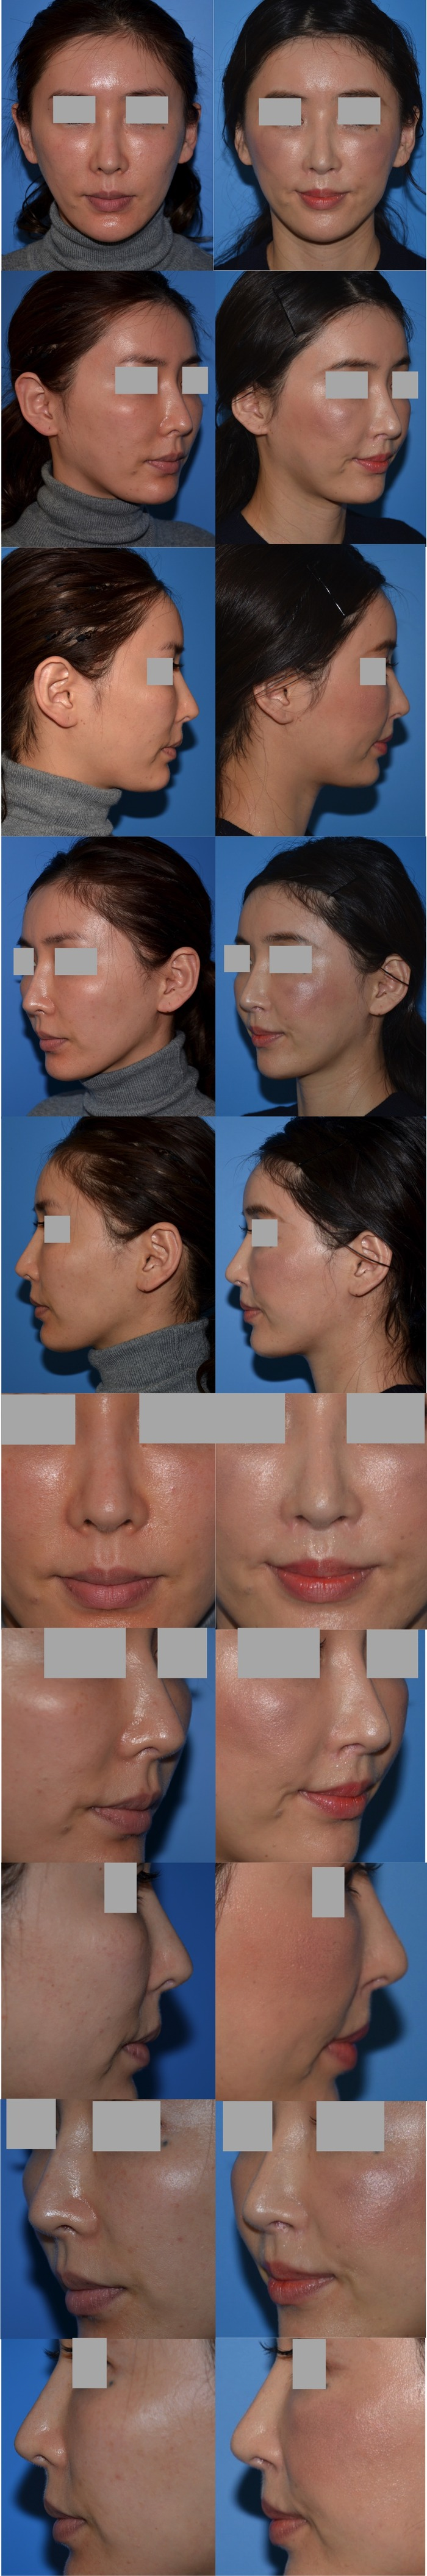 鼻下長短縮術 鼻翼挙上術 口角挙上